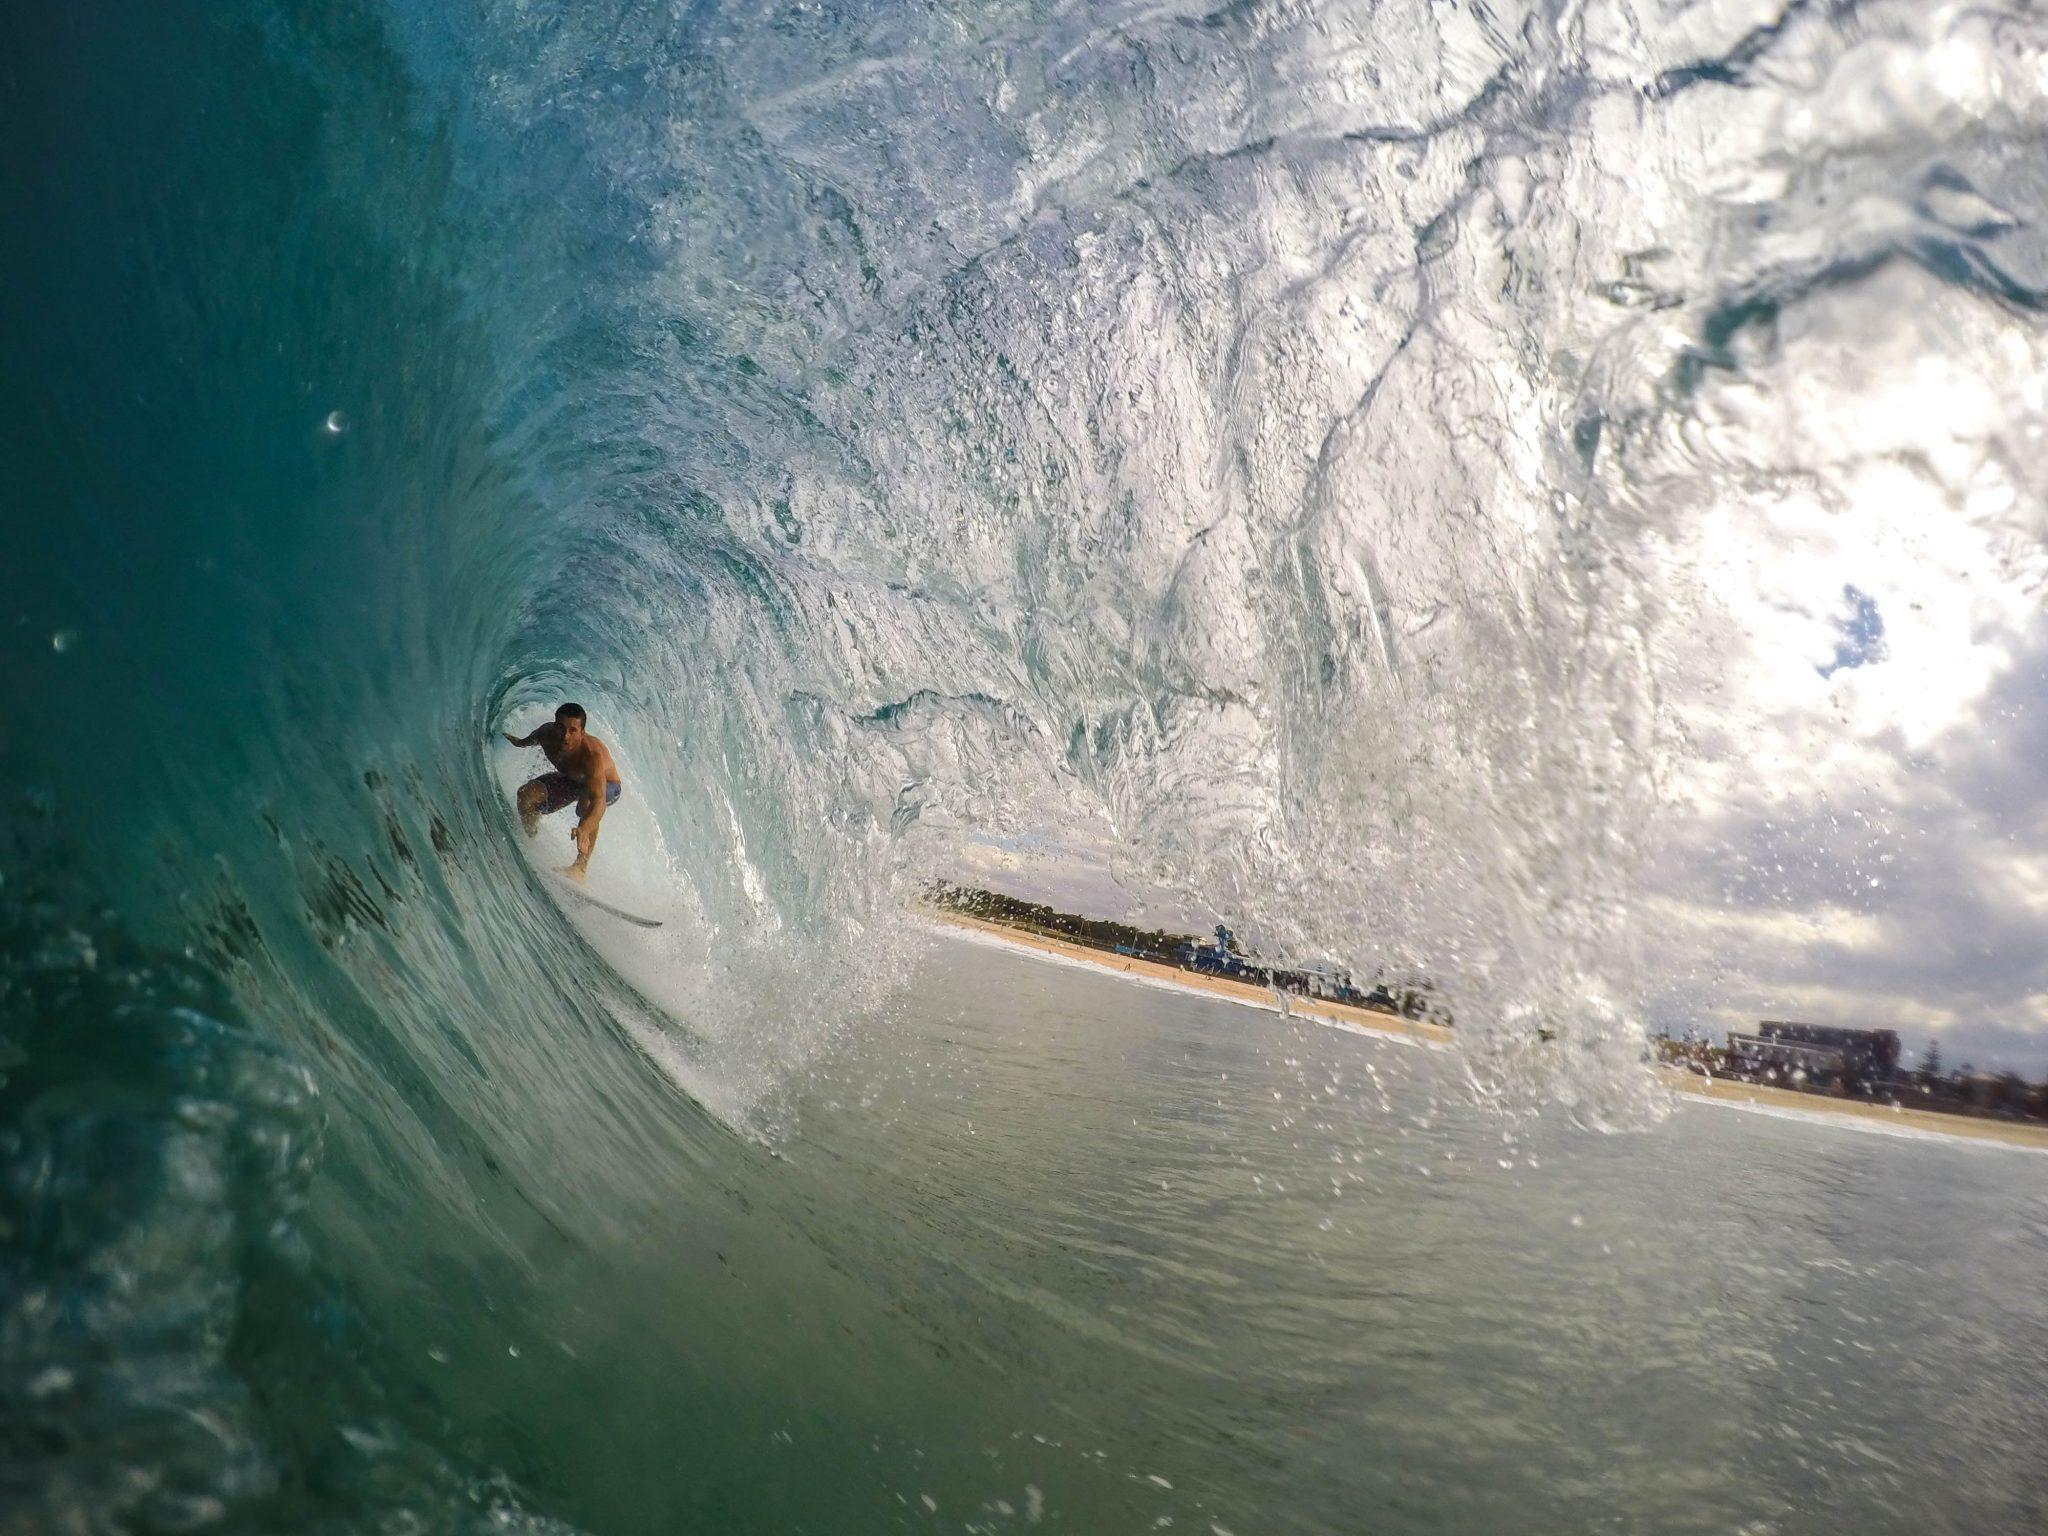 Irrequieti all'opera: un surfista che cavalca un'onda